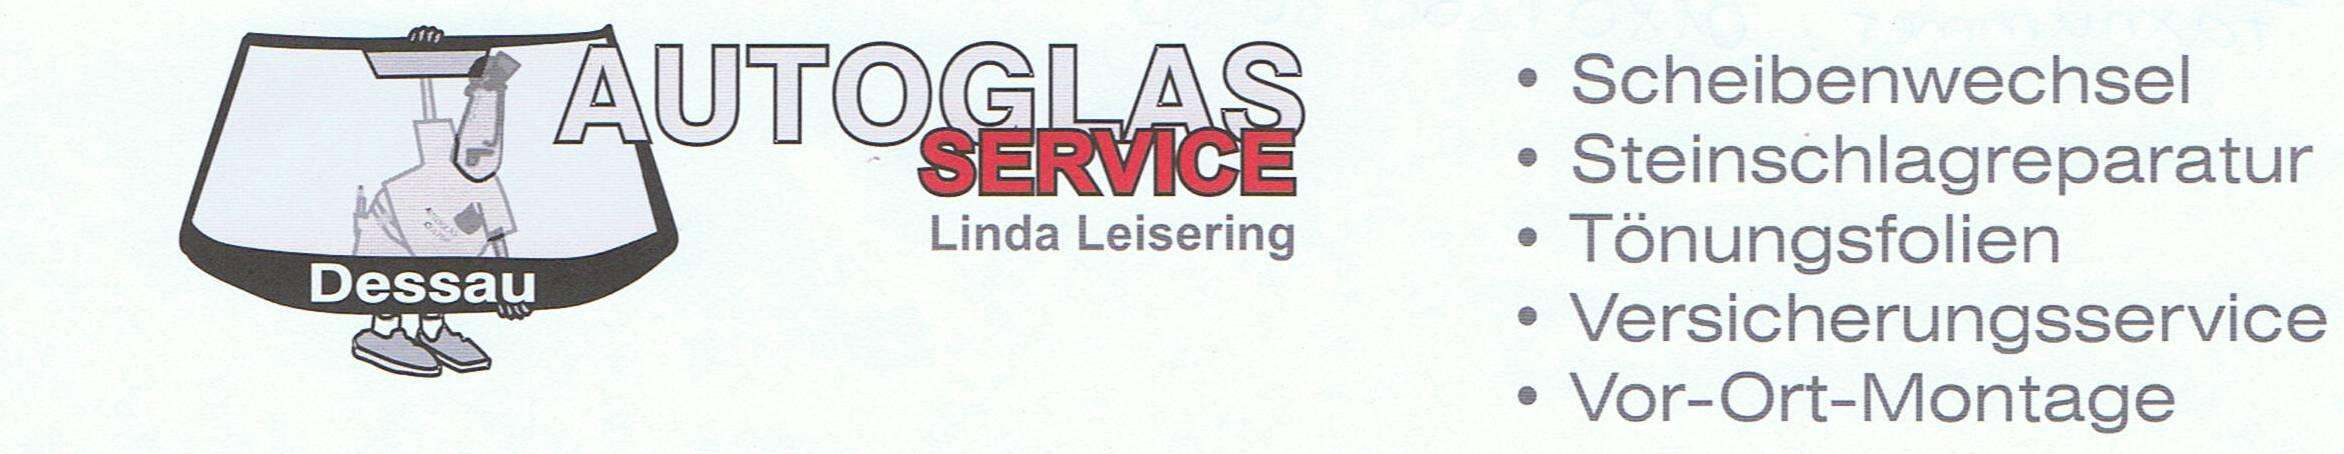 Autoglas-Service Dessau